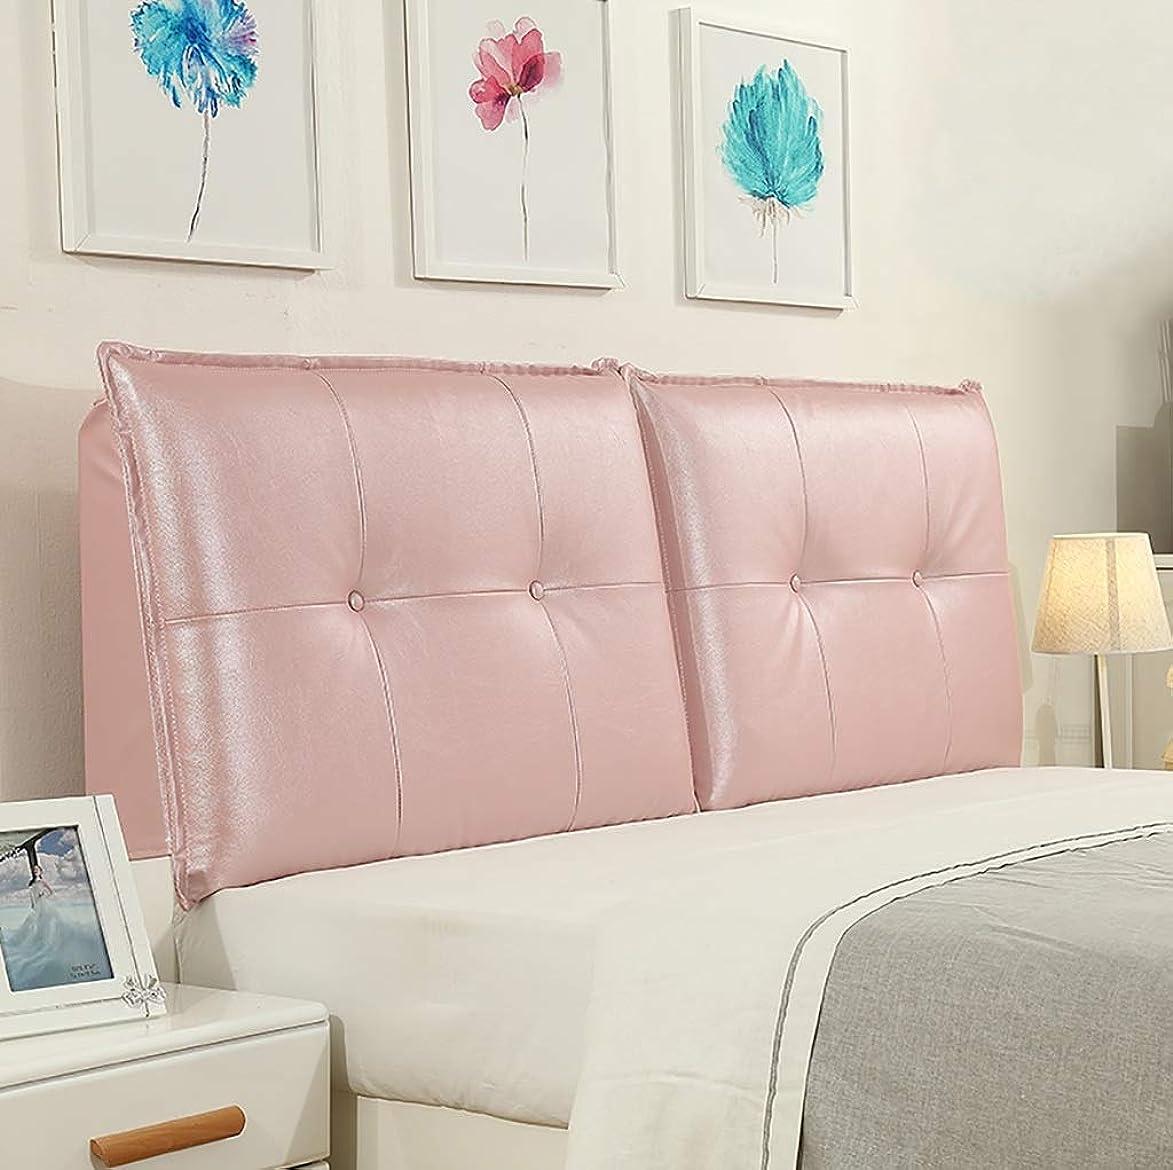 はげ熟考するようこそベッドクッションベッドサイドピローレザーラージピロー腰部サポート取り外し可能かつ洗濯可能12サイズあり (サイズ さいず : 160*10*60CM)